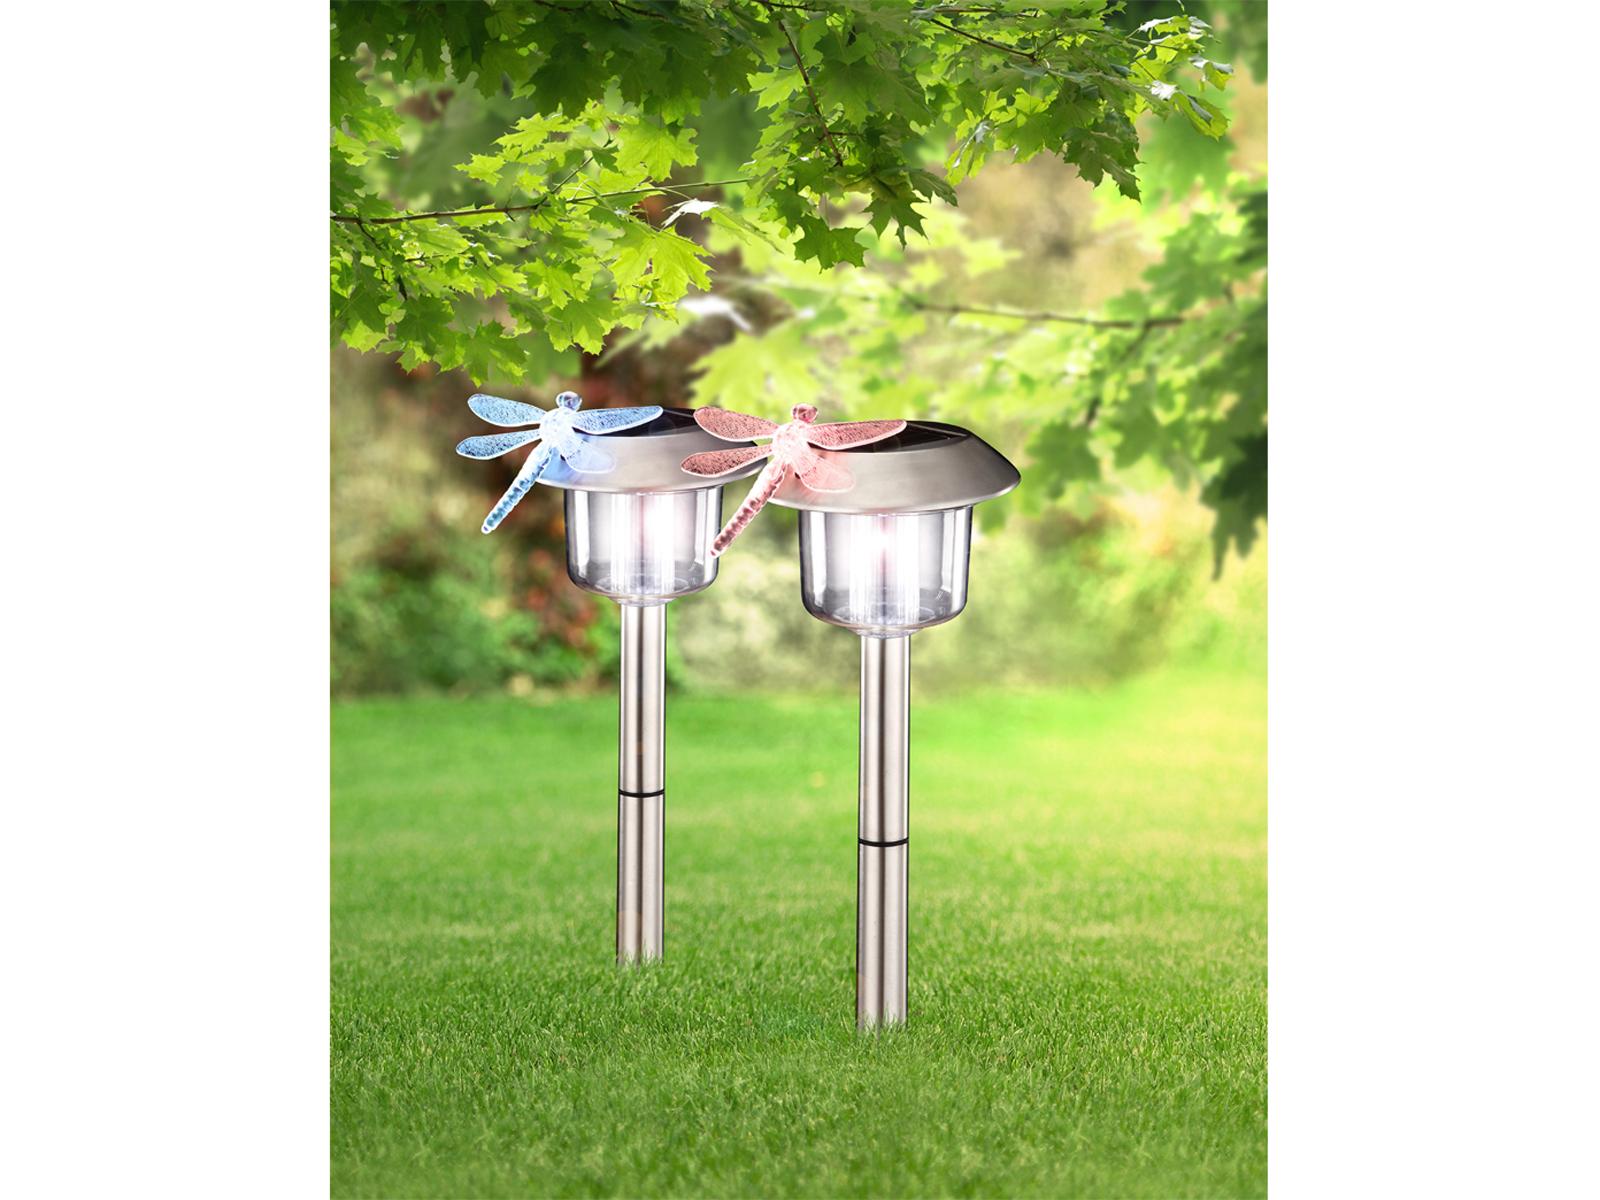 Gartenlampen 2Stk LED Erdspießleuchten Solarleuchten Edelstahl mit Farbwechsel